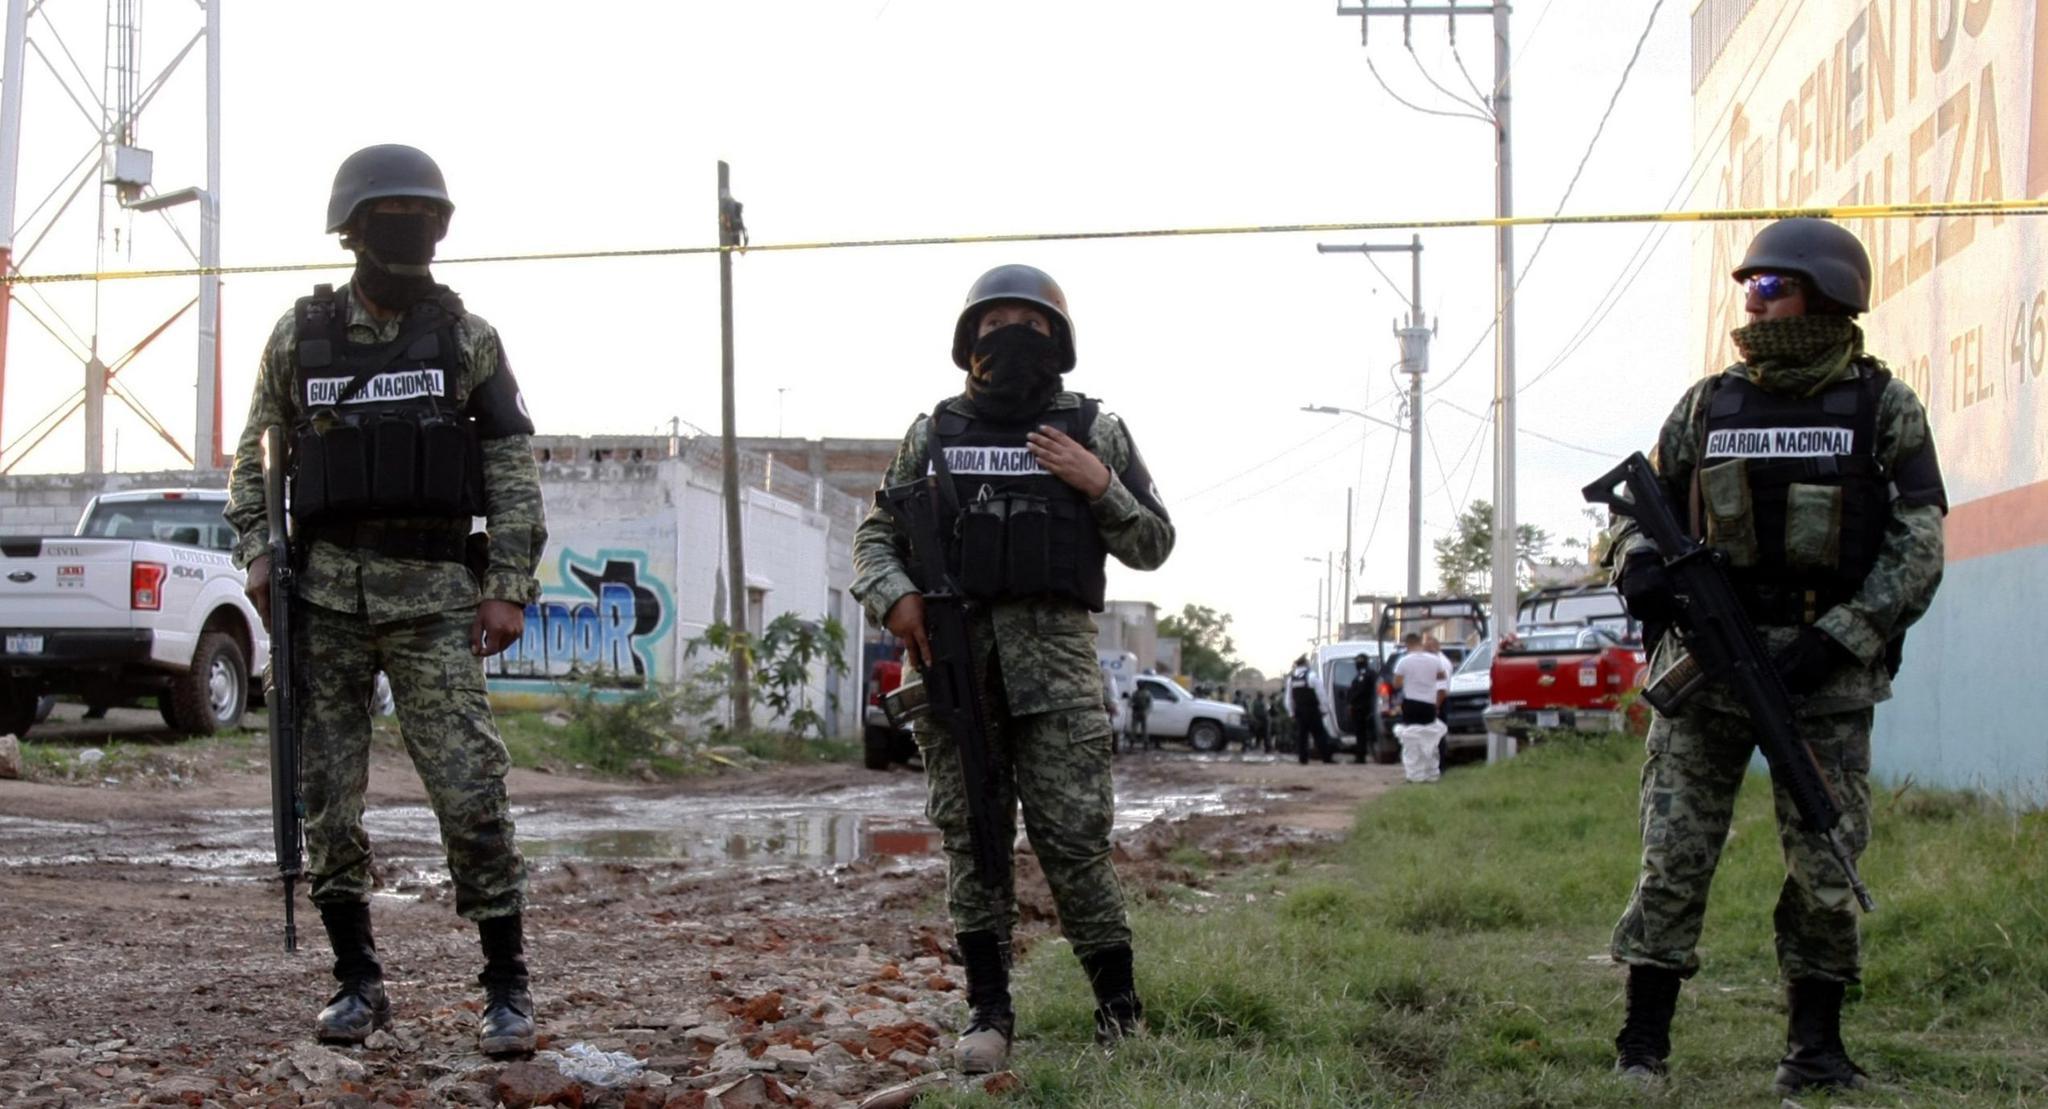 墨西哥瓜纳华托州发生暴力袭警事件 5名警察身亡